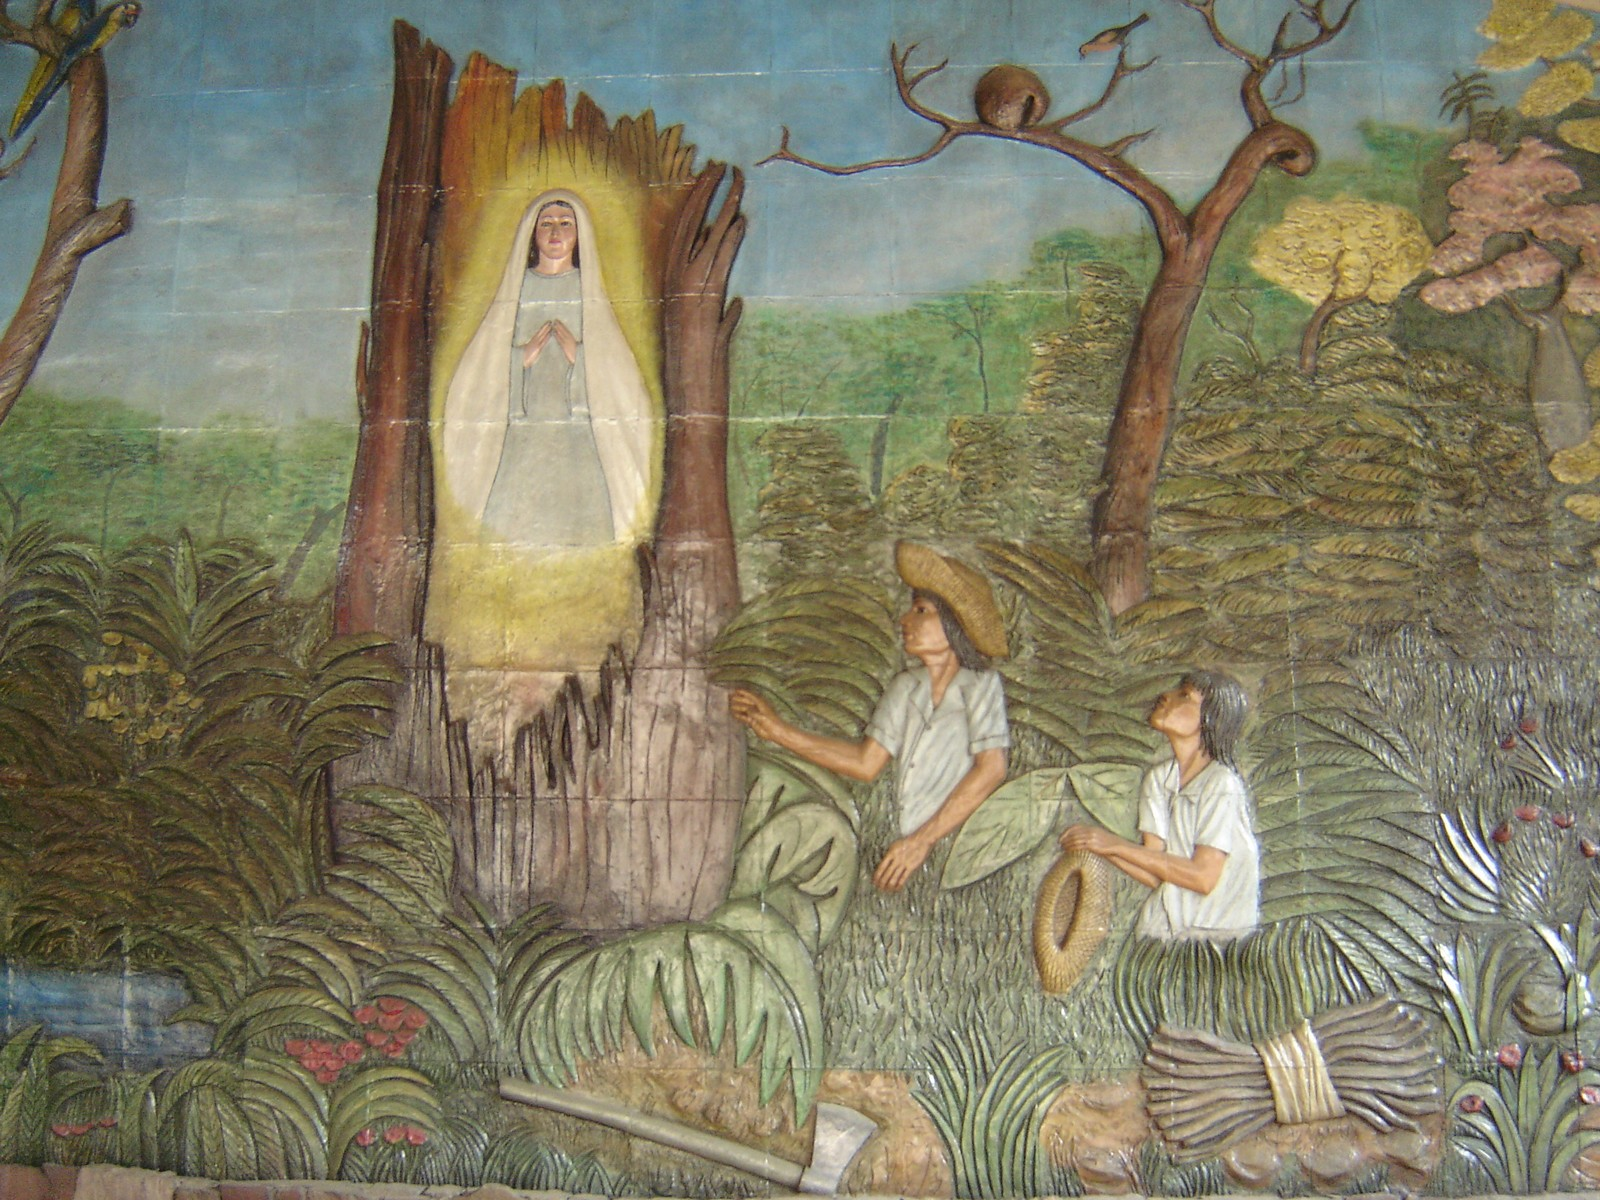 Hallada en un Tronco de un Árbol: Virgen de Cotoca, Bolivia (8 de diciembre)